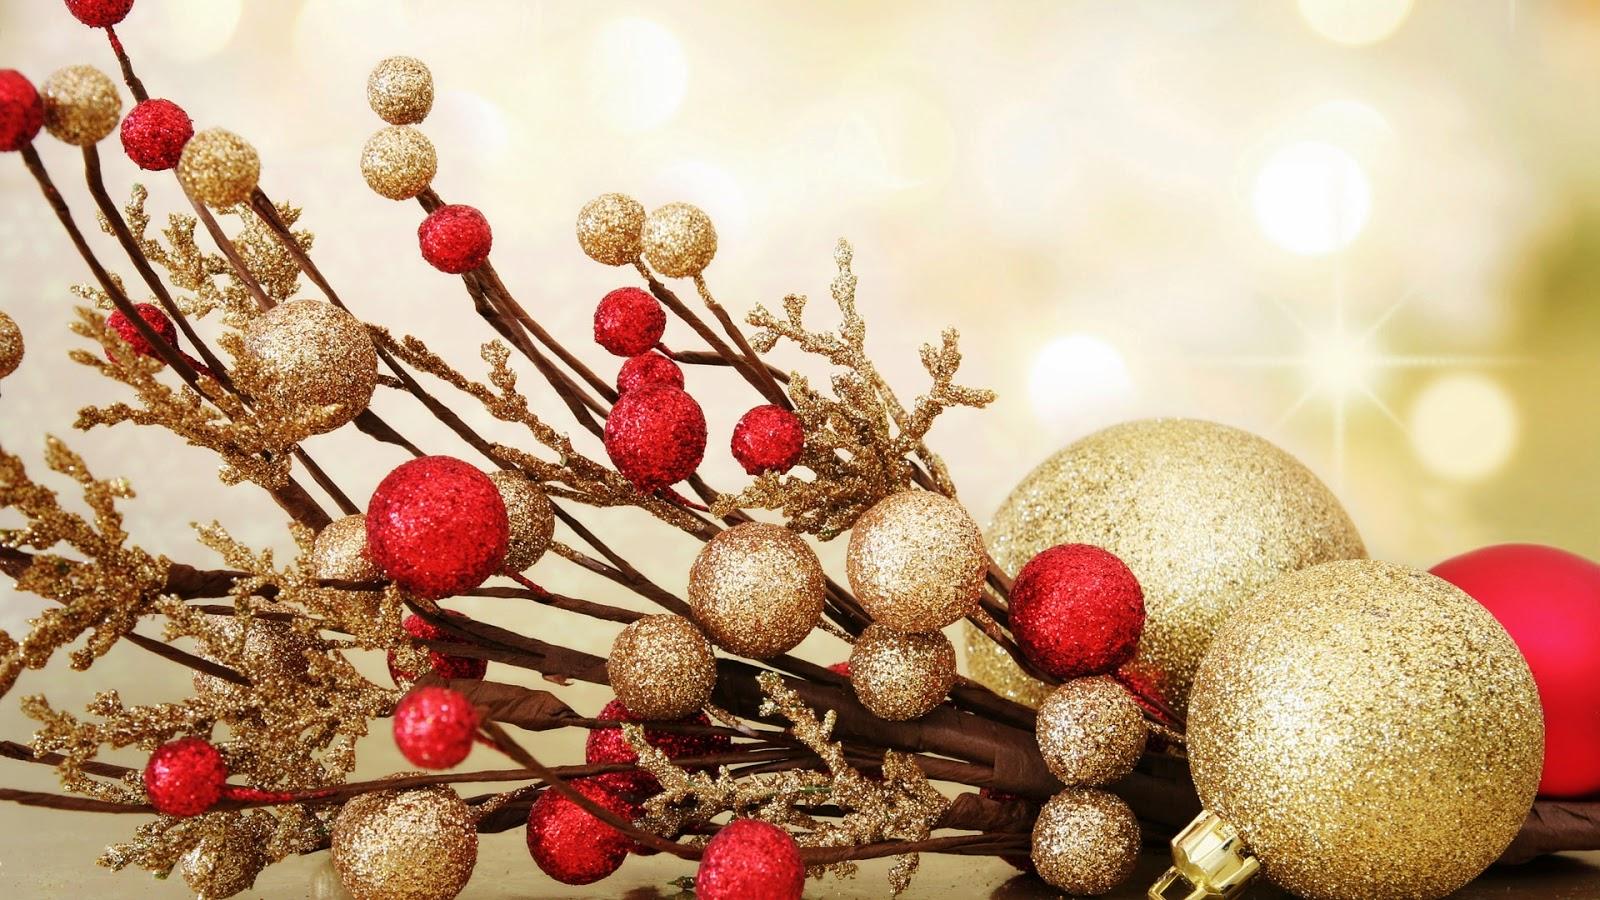 Descarga Fondo De Pantalla Gratis Fondo De Pantalla Navidad Bolas